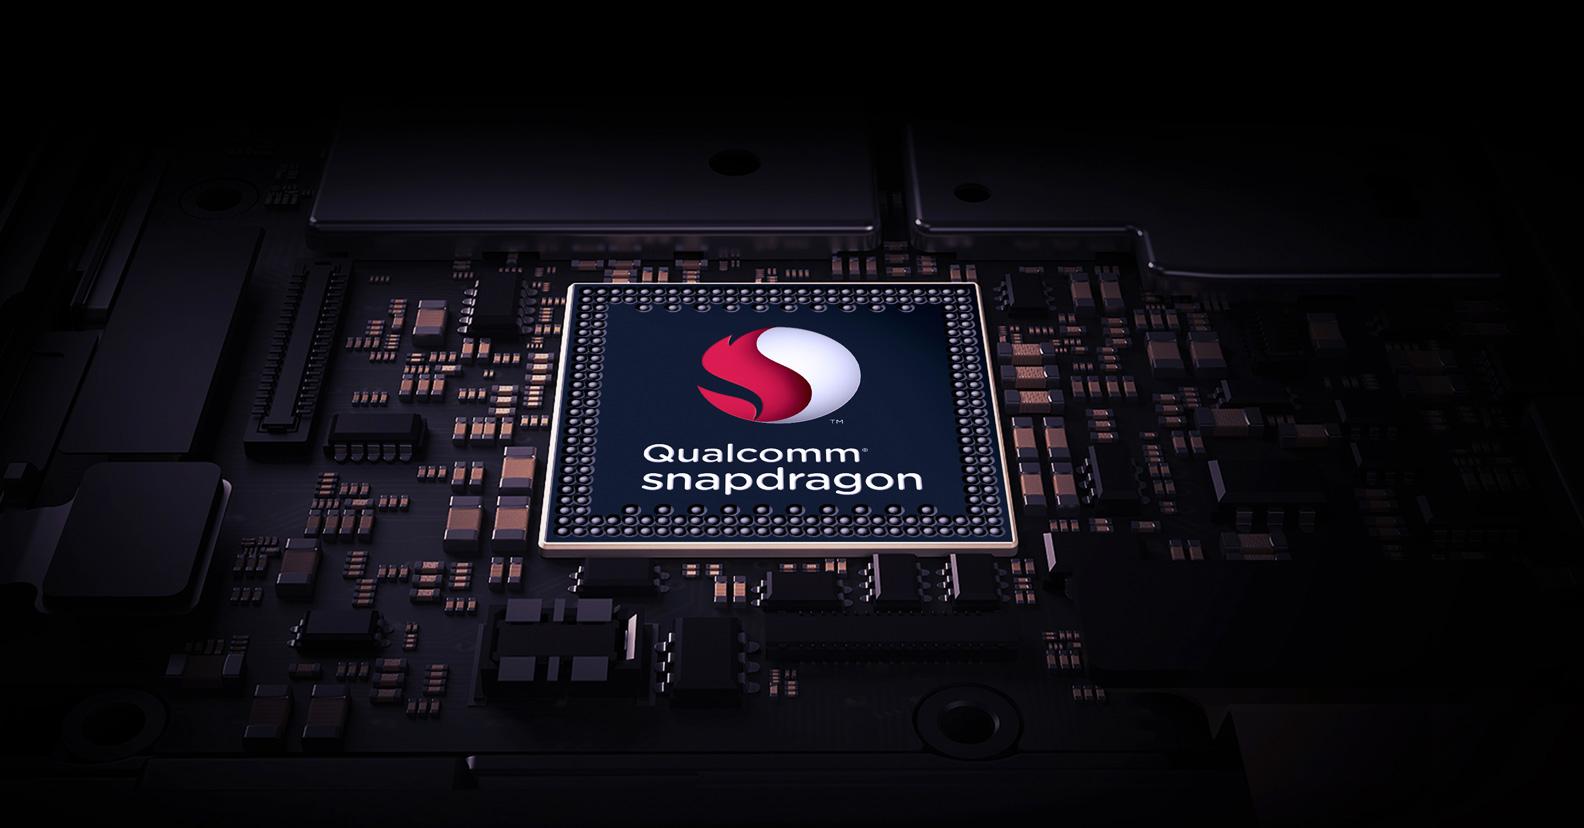 حدث MWC Shanghai 2017 منصة Snapdragon 450 المركزية